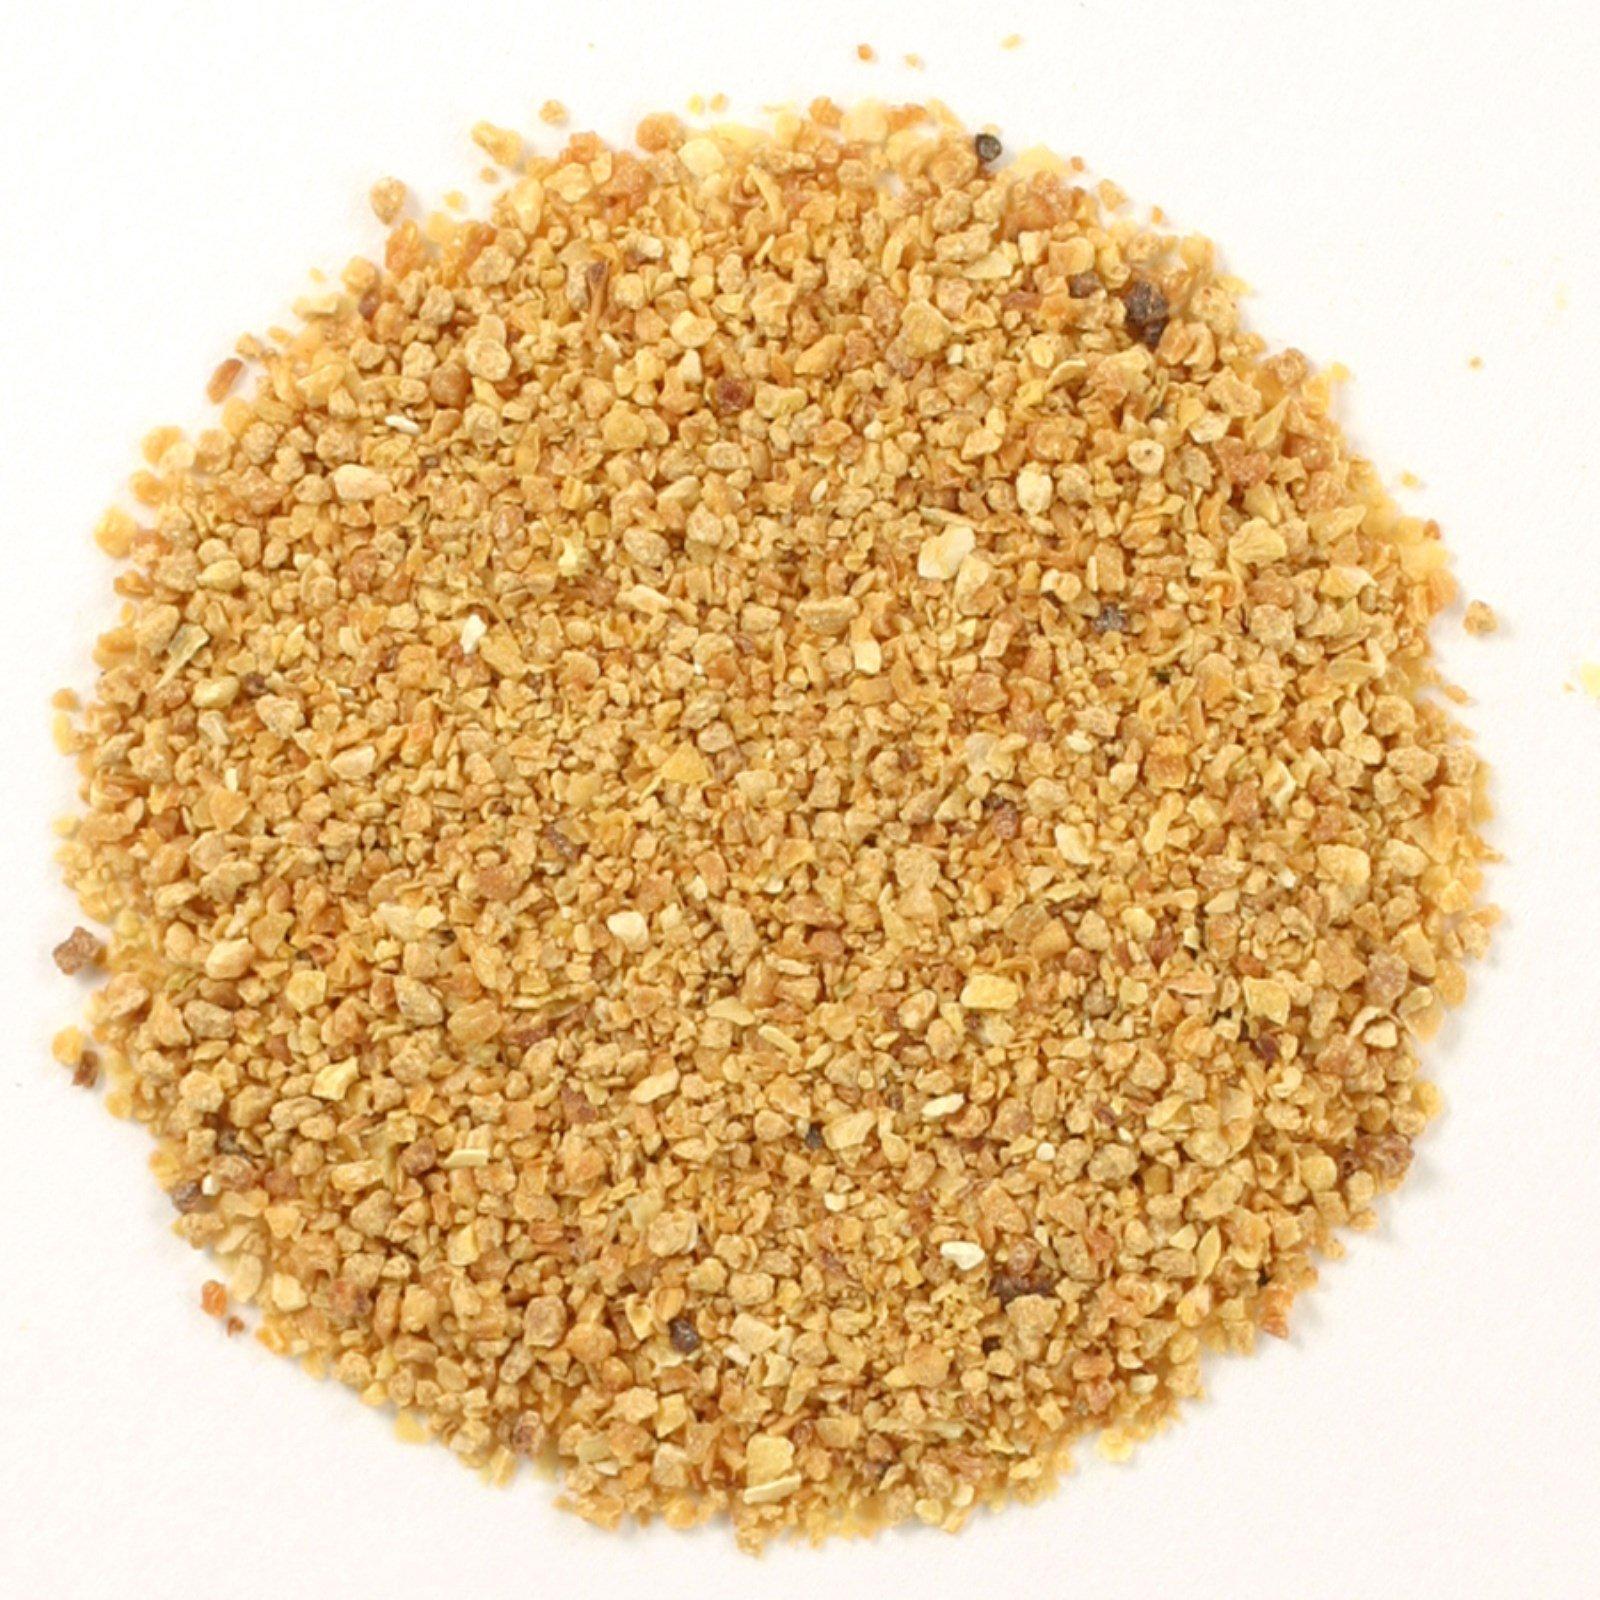 Frontier Natural Products, Органическая порезанная и отобранная апельсиновая корка, 16 унций (453 г)